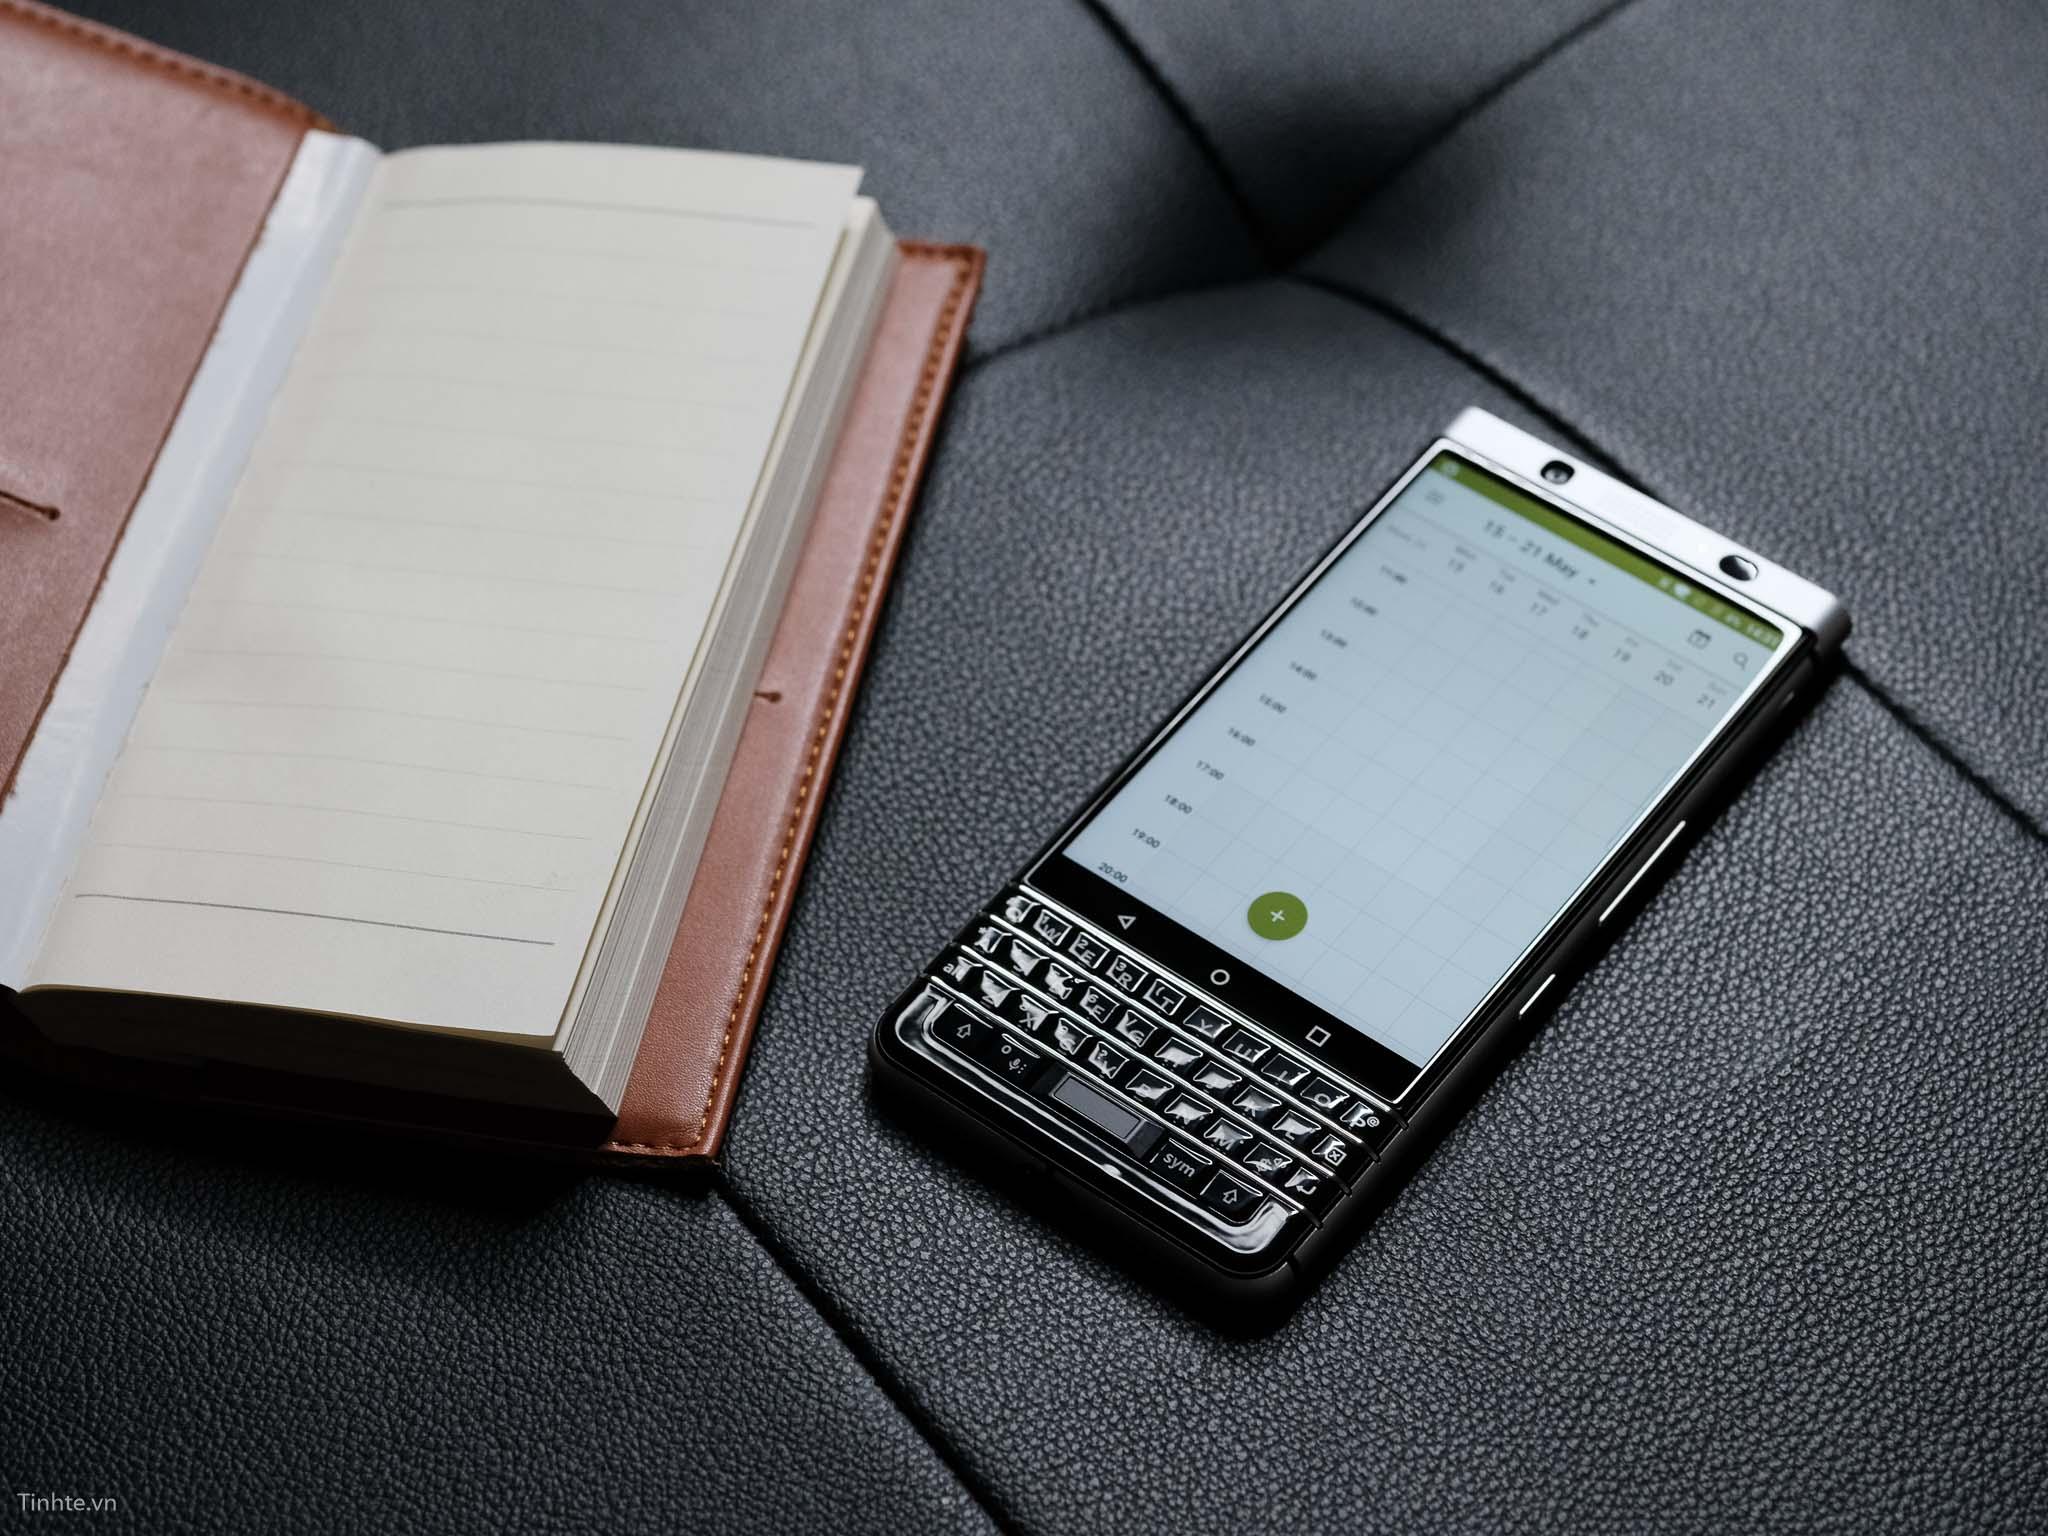 tinhte_anh_so_sanh_samsung_galaxy_s8_vs_blackberry_keyone_ (10).jpg